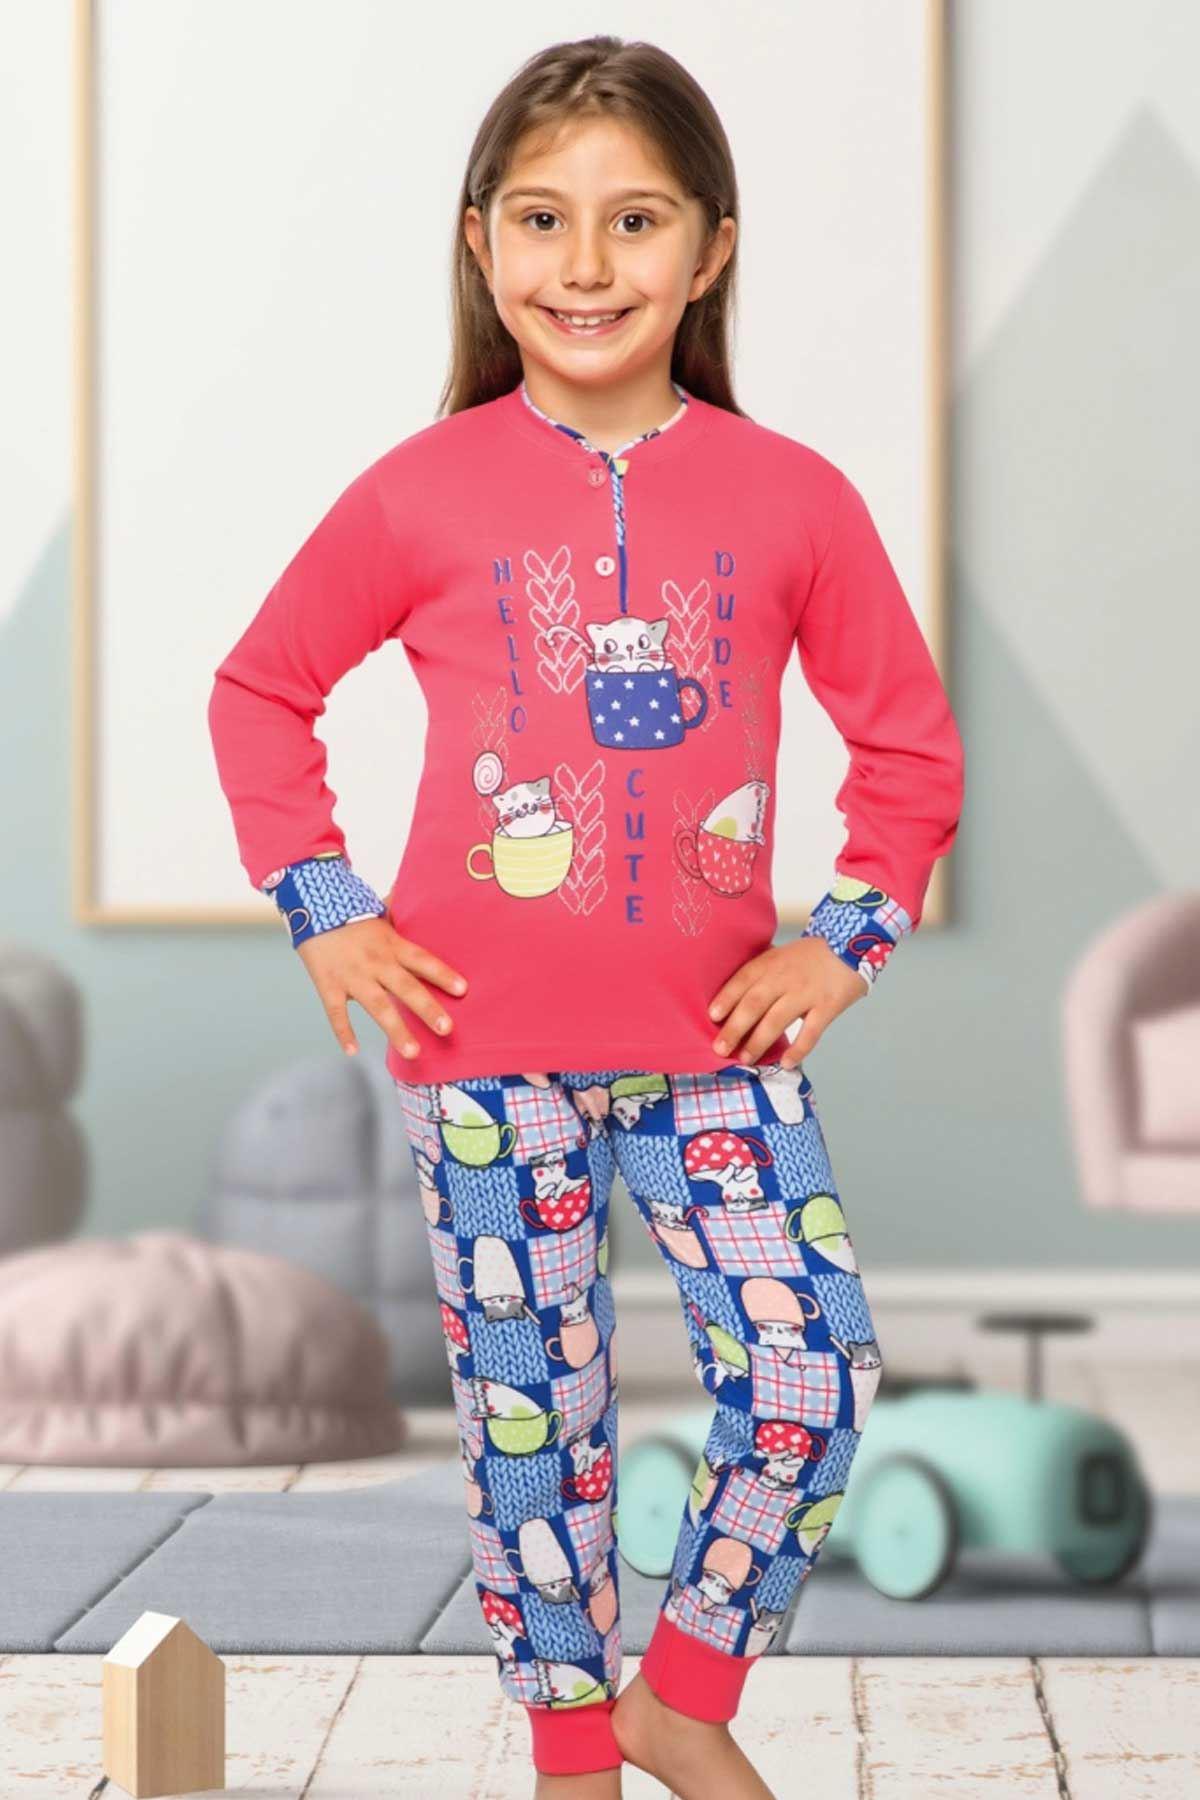 Narçiçeği Kız Çocuk Pijama Takımı